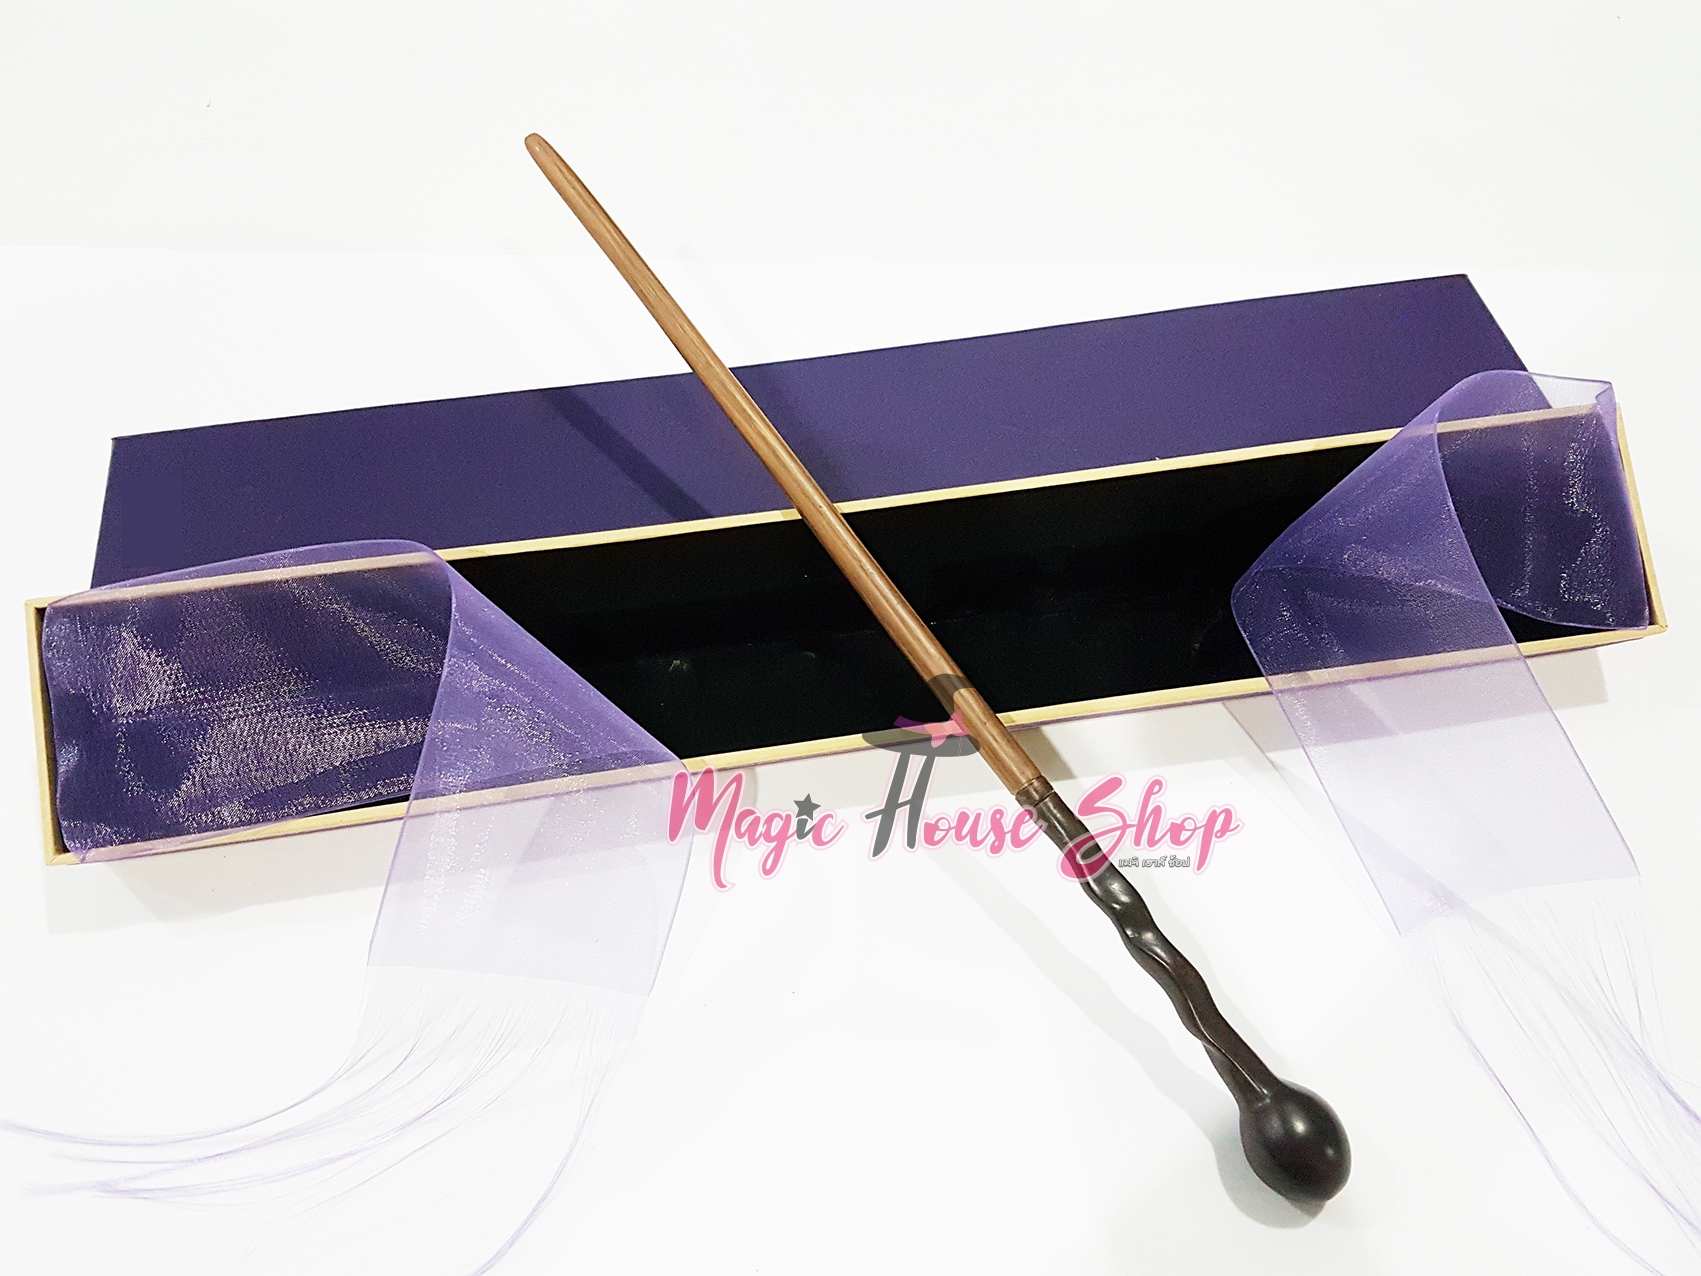 ไม้กายสิทธิ์ ศาสตราจารย์ รีมัส ลูปิน เลียนแบบกล่องโอลลิแวนเดอร์ เกรดพรีเมี่ยม